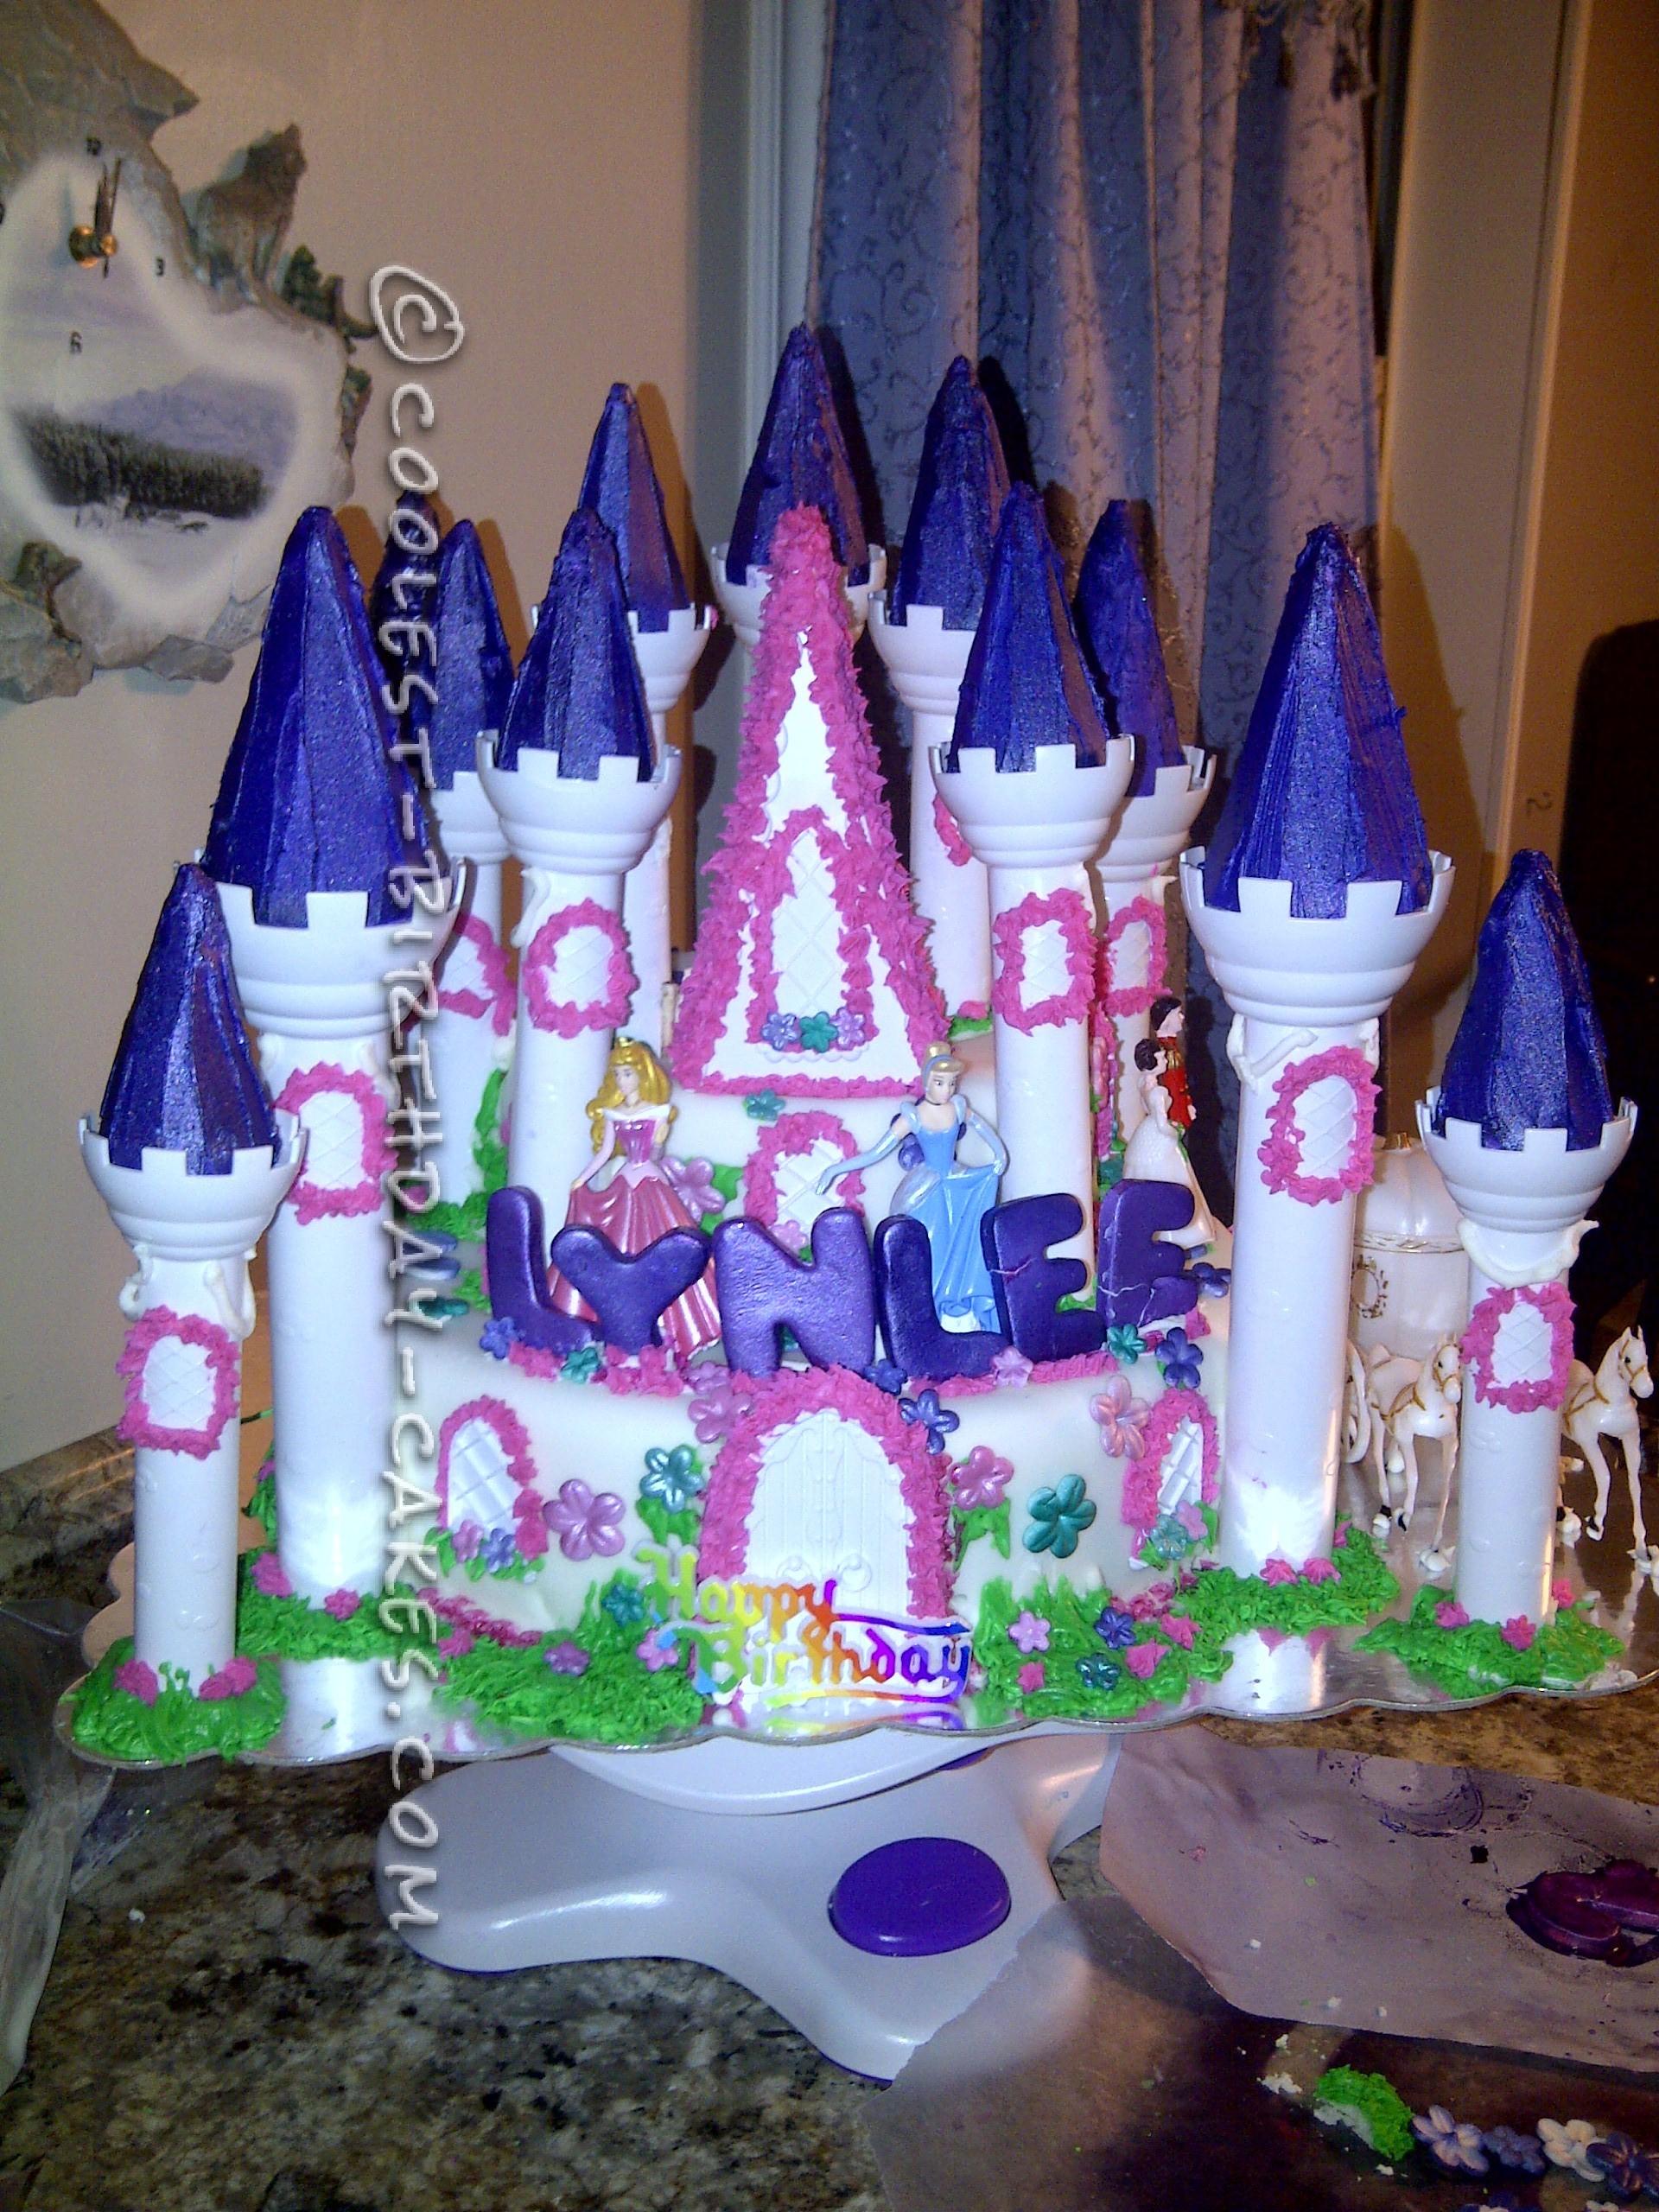 Cool Homemade Castle Cake